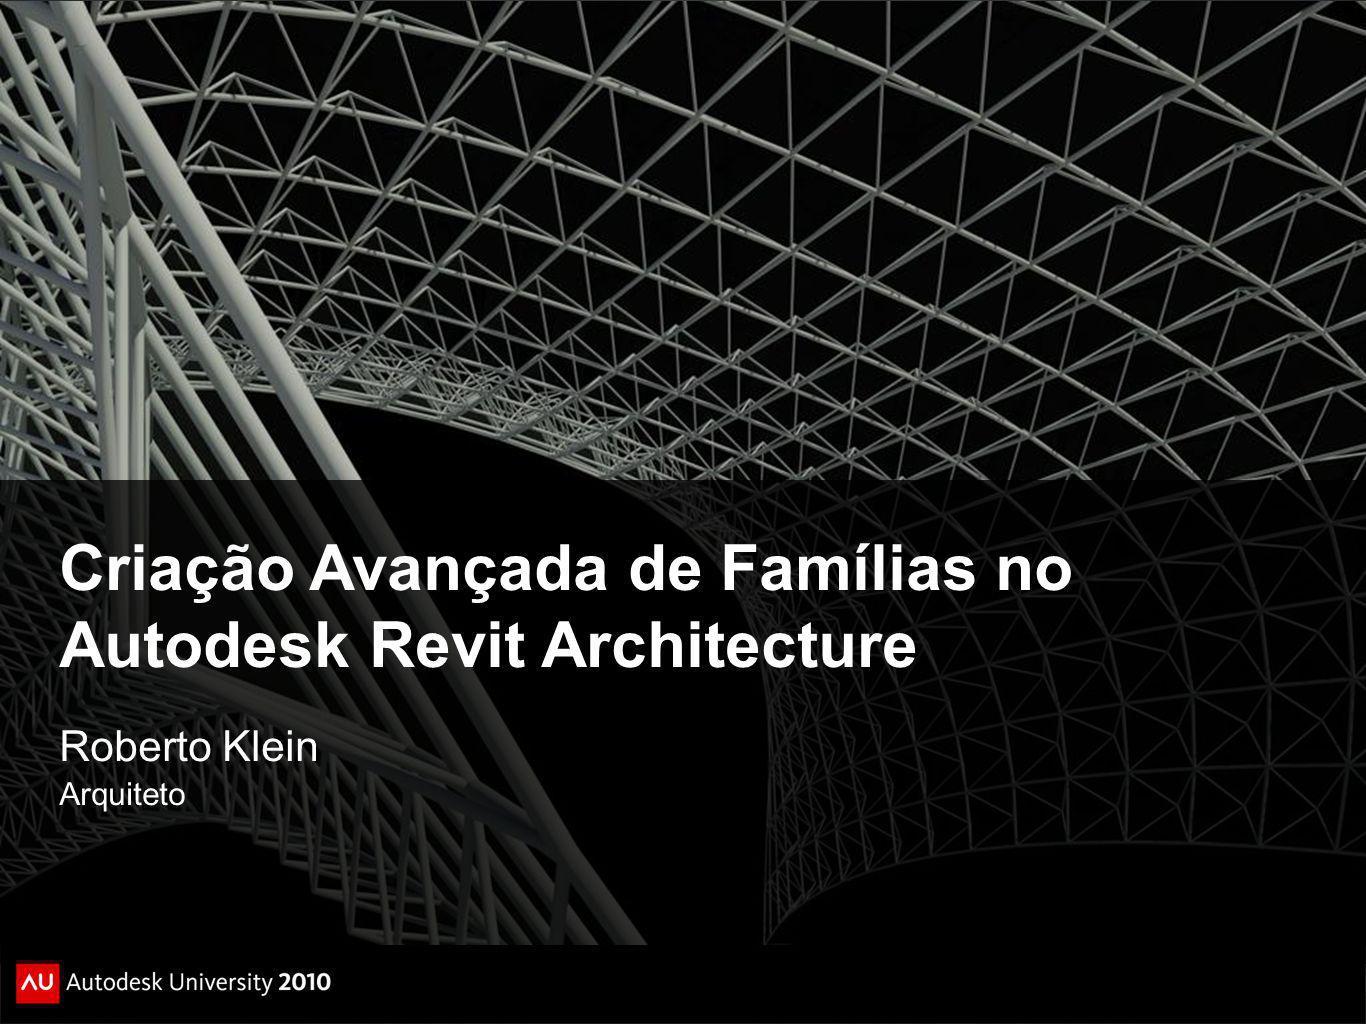 Criação Avançada de Famílias no Autodesk Revit Architecture